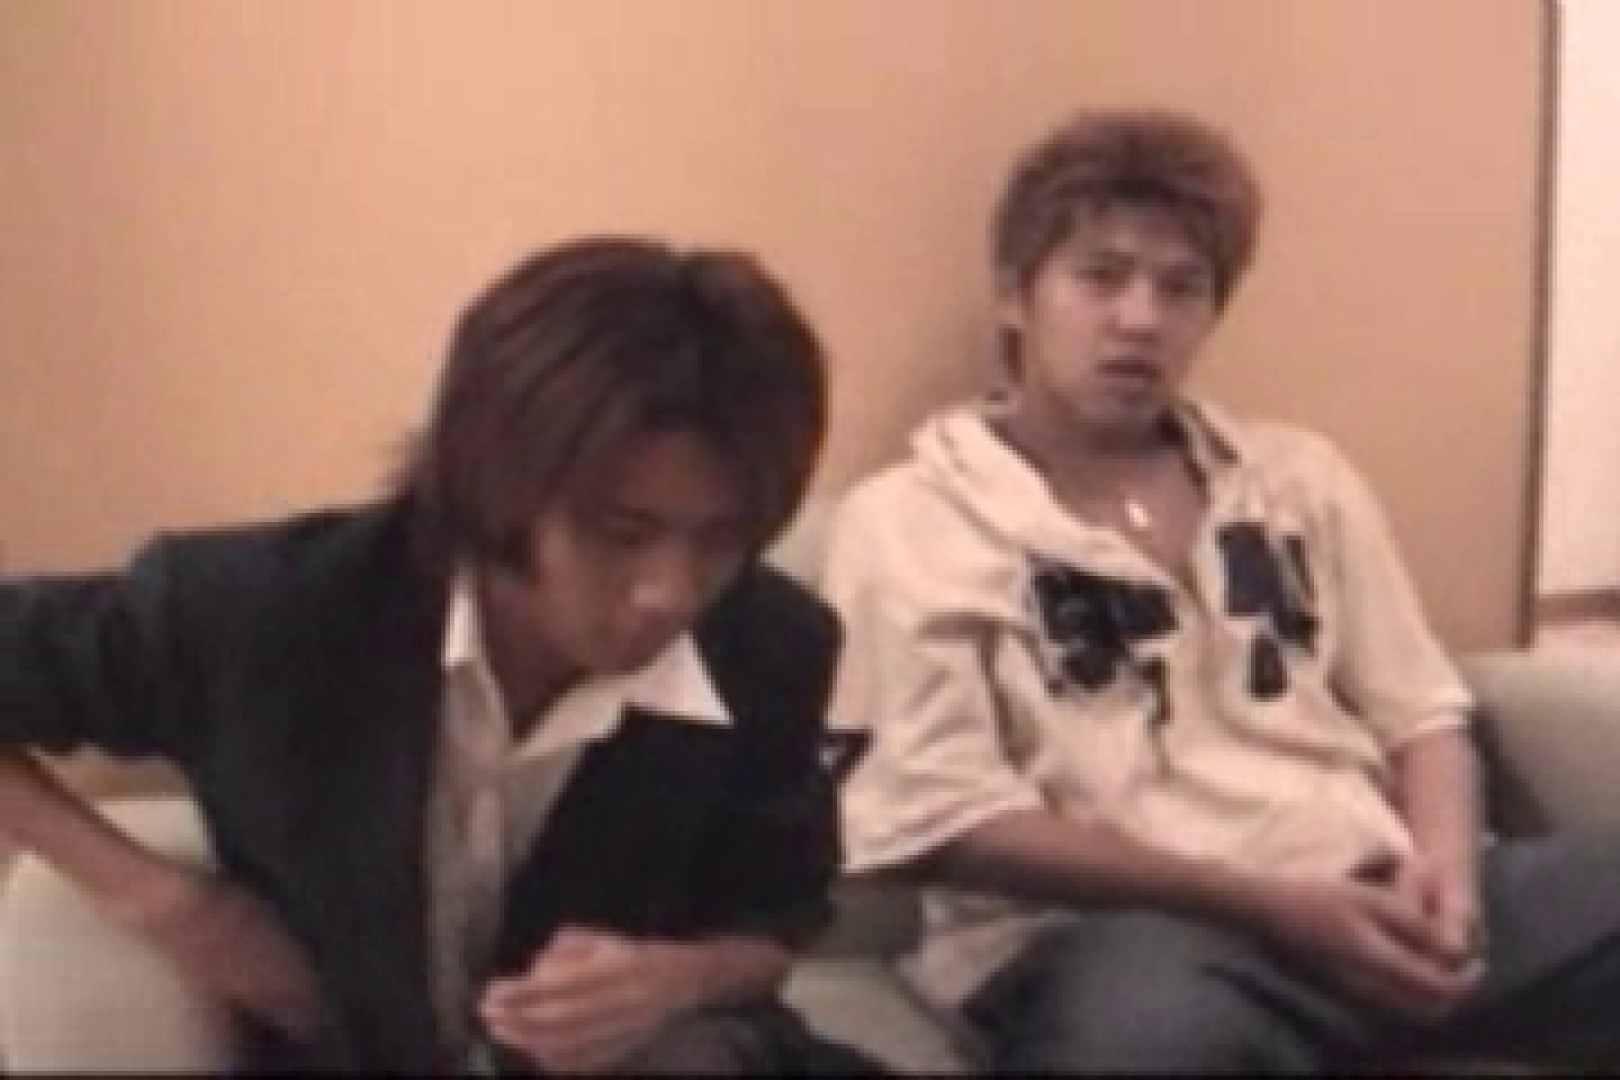 【流出】ジャニ系イケメン!!フライング&アナルが痛くて出来ません!! 射精特集 ゲイエロ動画 83枚 76